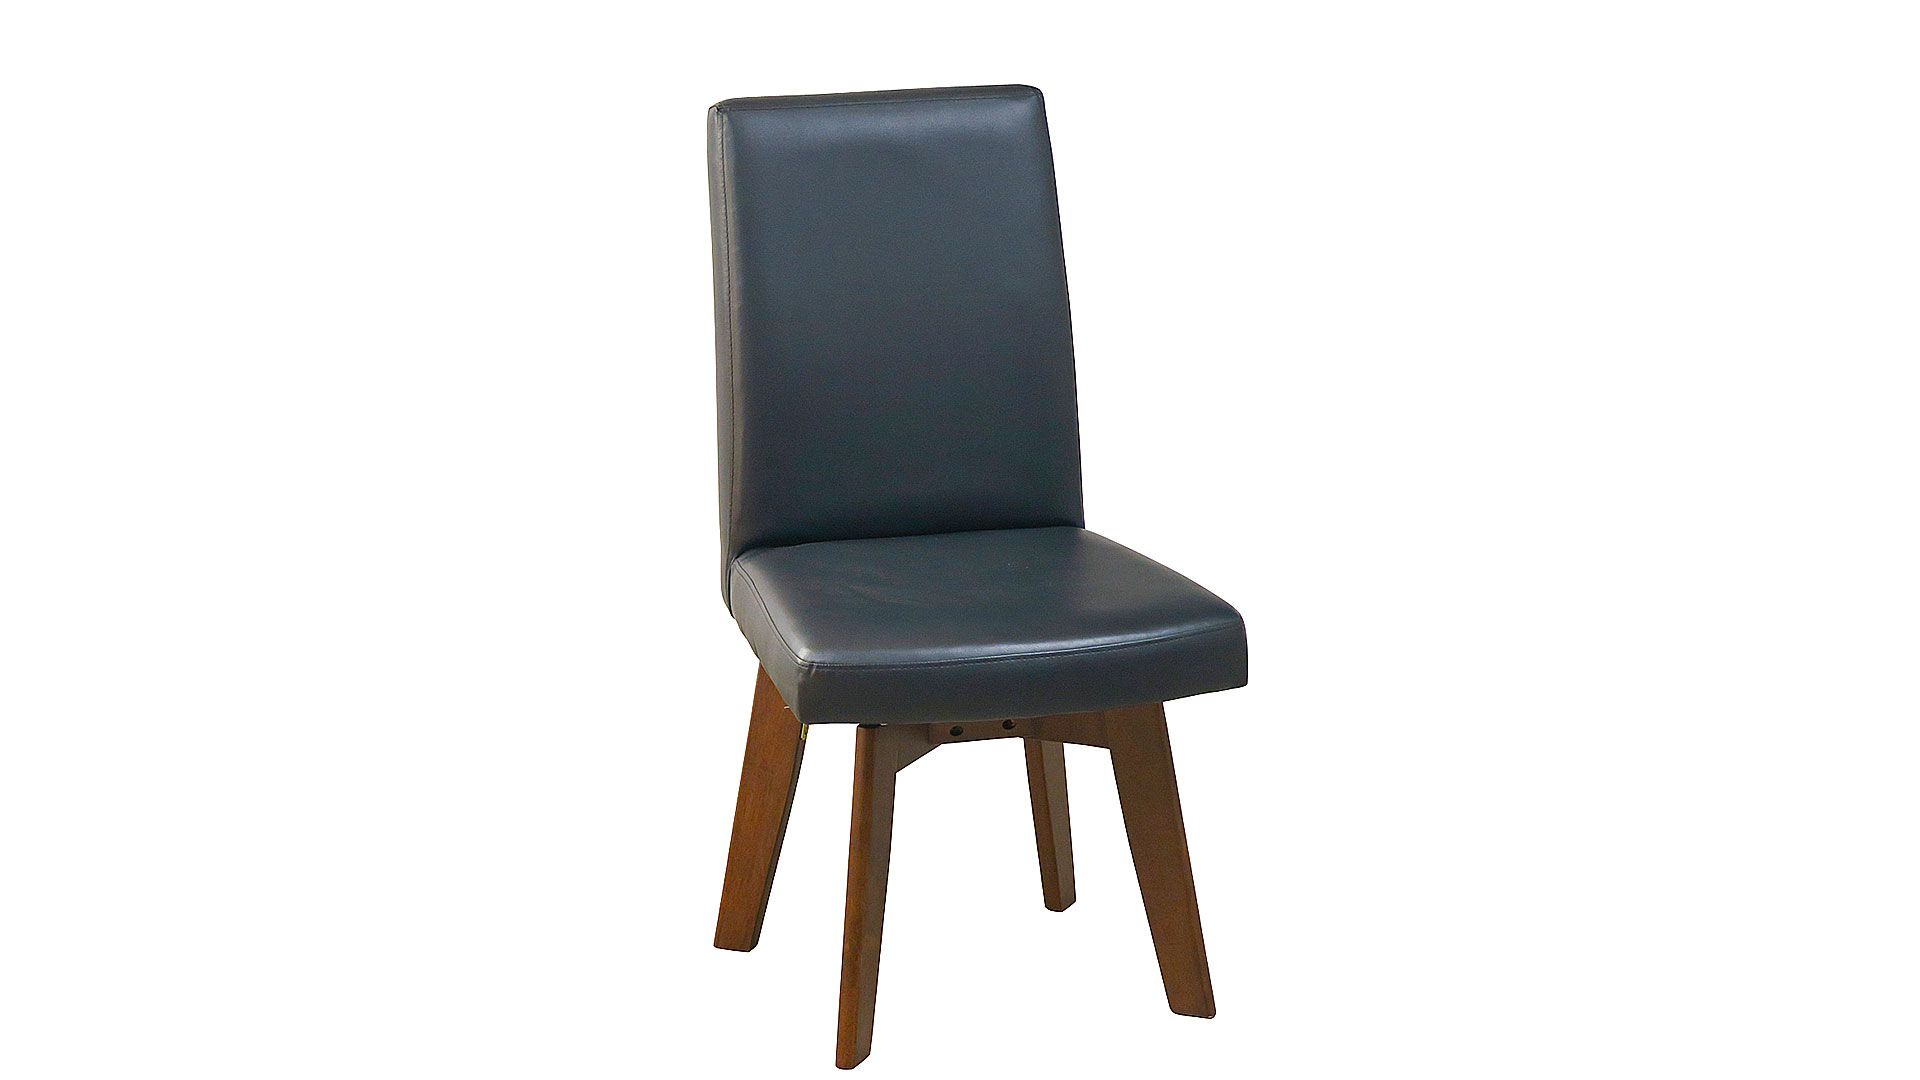 リビンズのダイニングセット「リベロ」の椅子の張地の画像